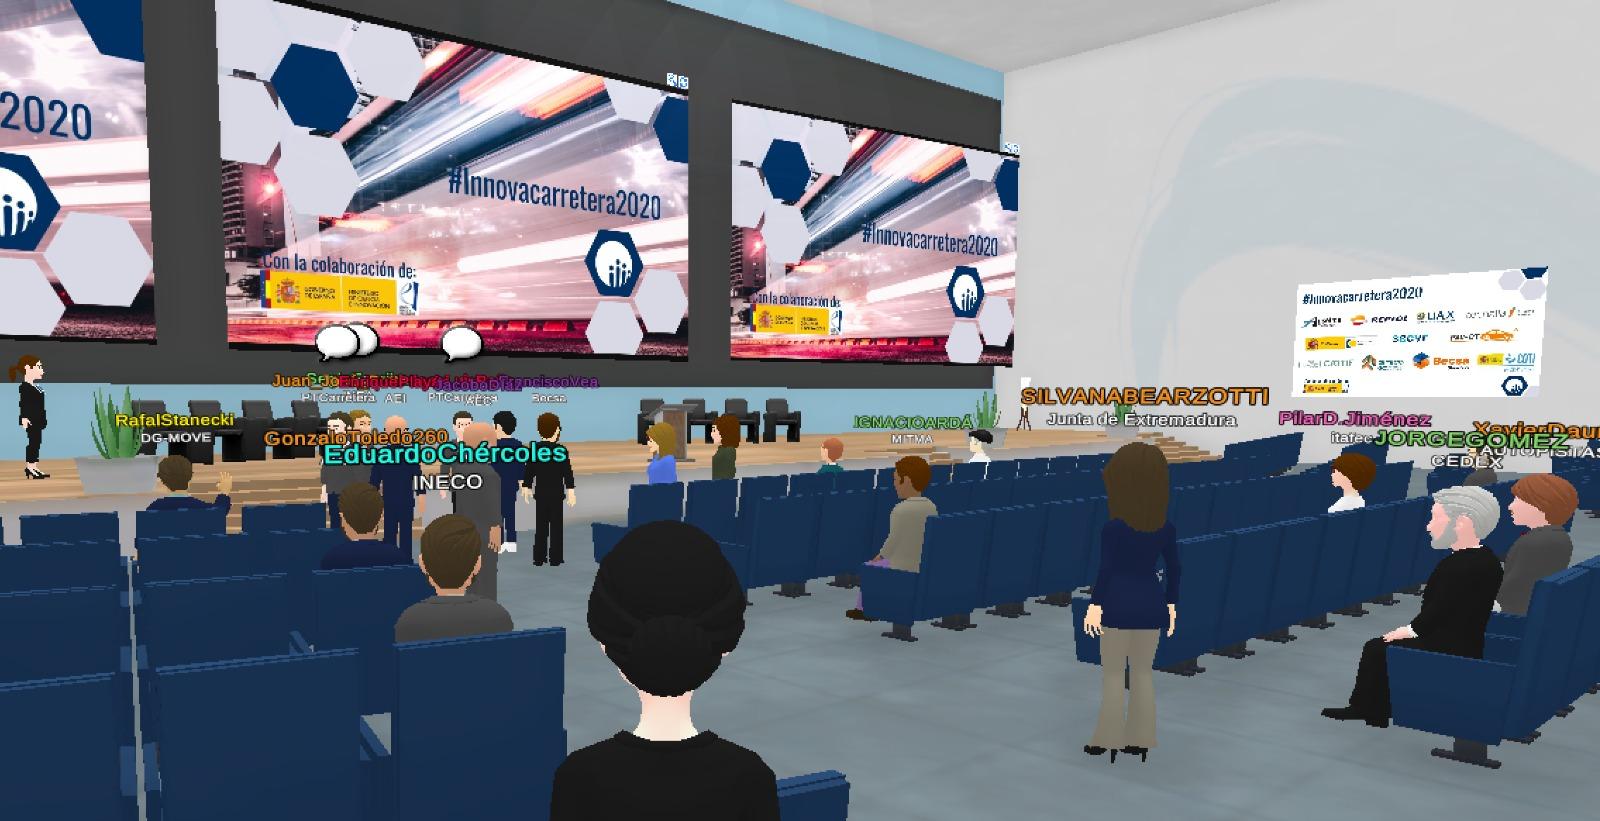 La sexta edición de la feria de demostración tecnológica Innovacarretera 2020 alcanza una audiencia superior a los 400 mil usuarios